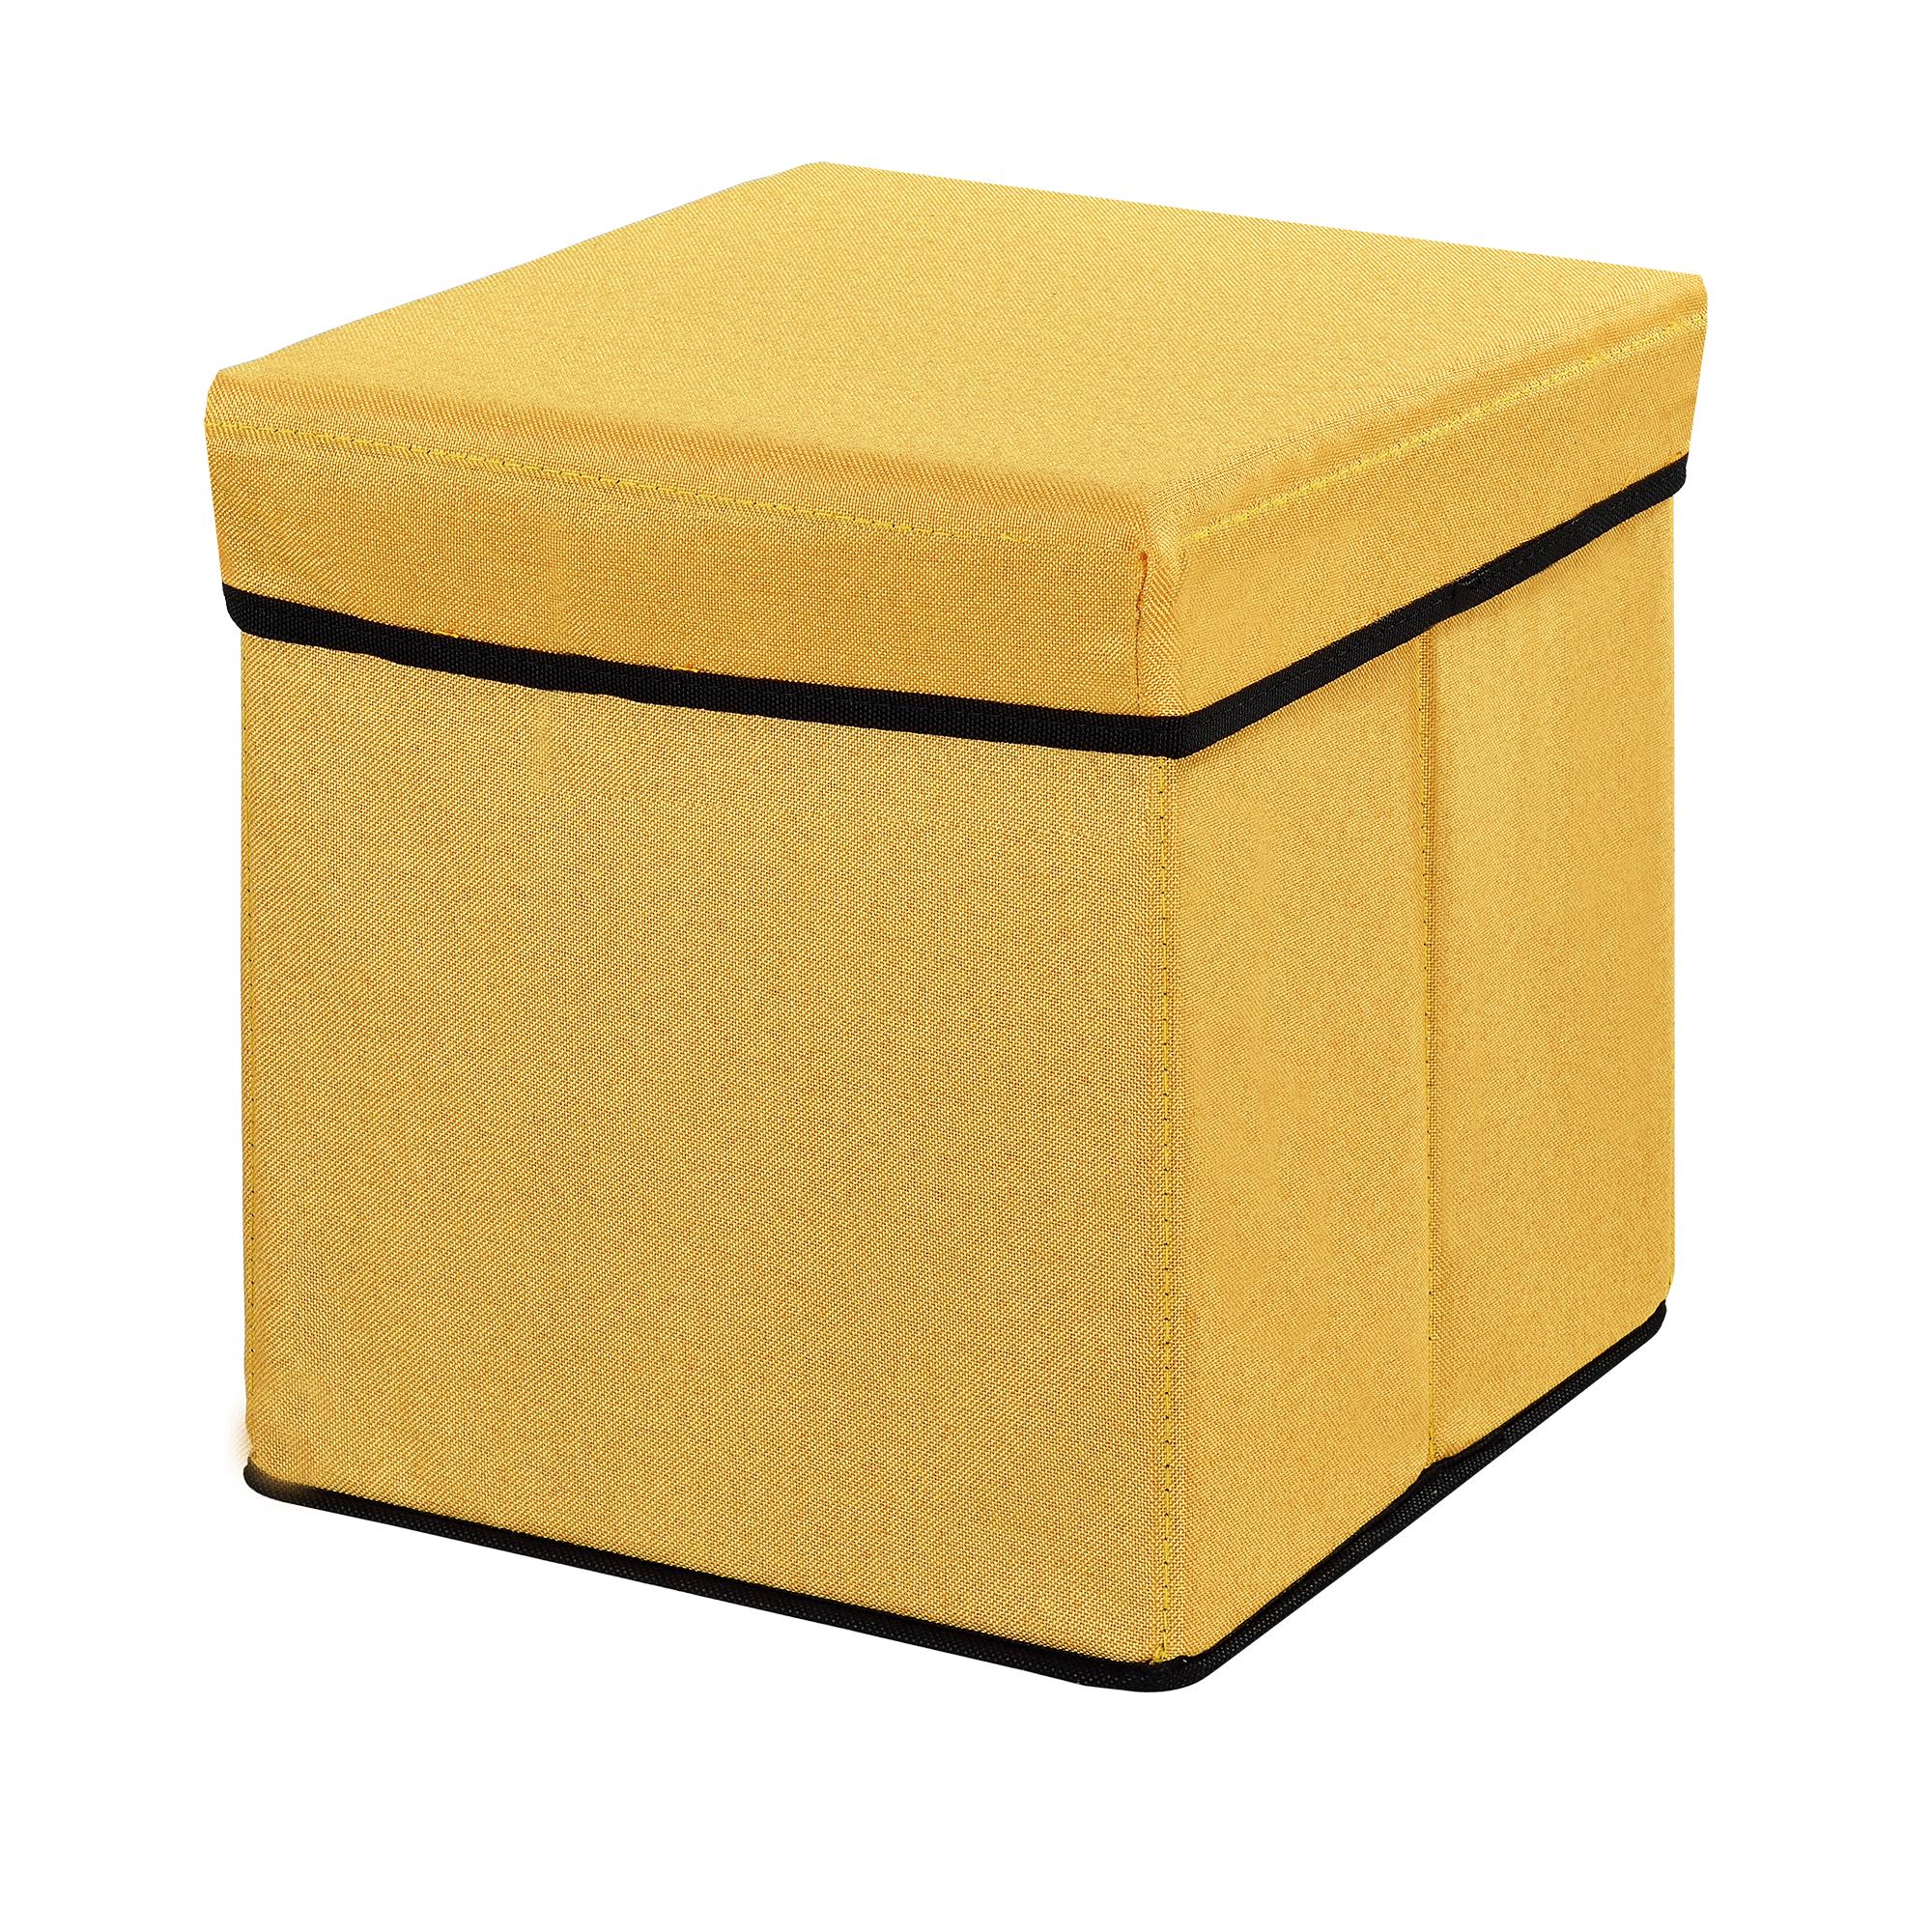 banc de rangement 38x38x38cm moutard porte pieds ebay. Black Bedroom Furniture Sets. Home Design Ideas